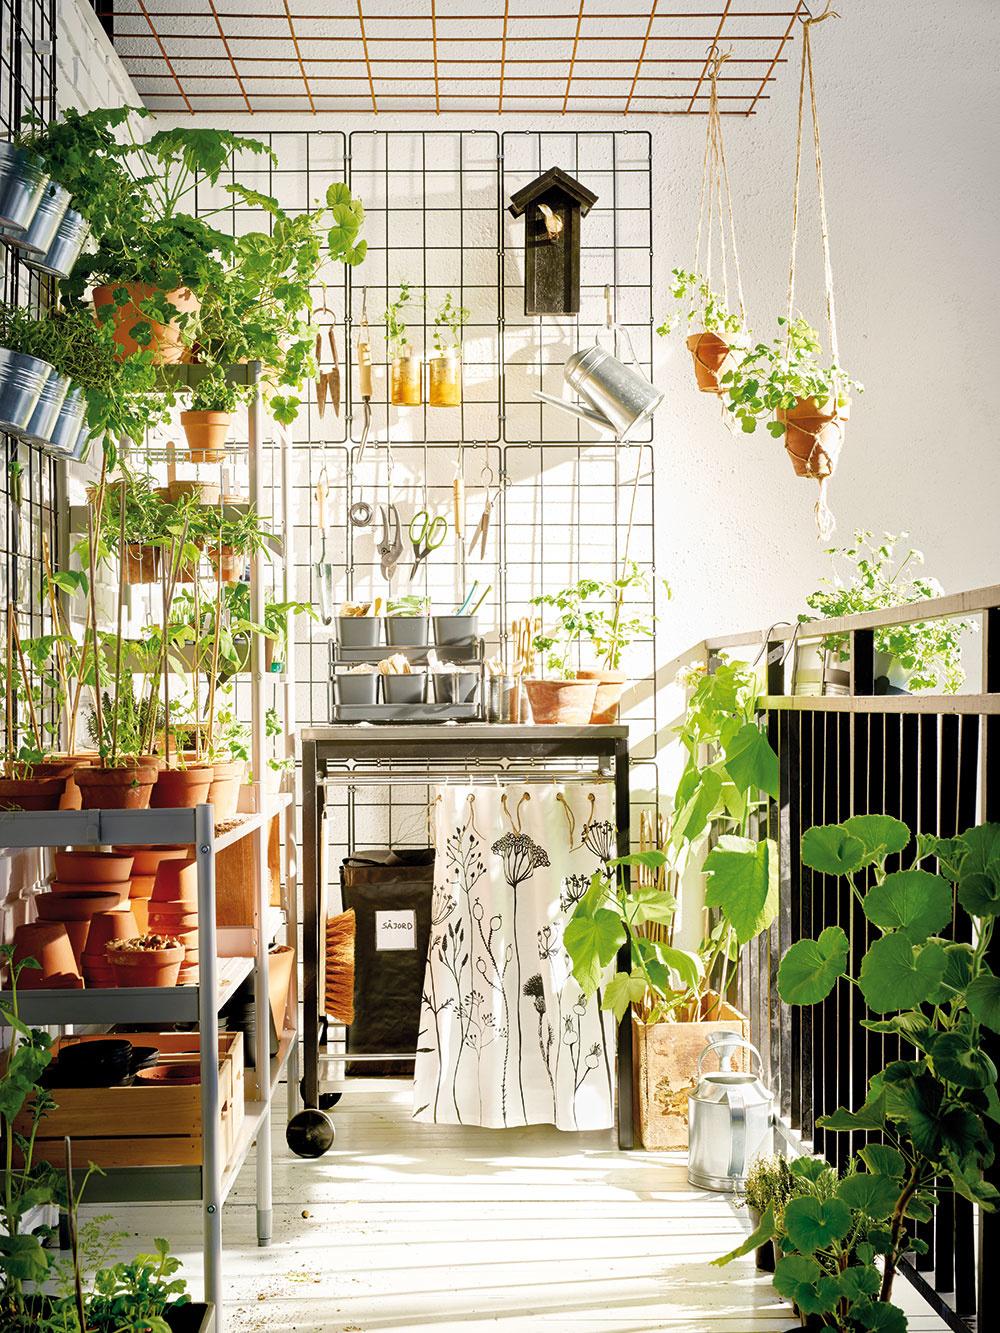 Kto by nemal rád jahody? Pestovať ich možno aj na balkóne. Stačí zvoliť správny kultivar, vybrať vhodnú nádobu apoužiť substrát určený na ich pestovanie. Anezabudnite ich pravidelne zavlažovať. Pri pestovaní zelene na balkóne vám pomôžu využiť priestor aj do výšky regály alebo kovové siete, ktoré pripevníte na stenu.